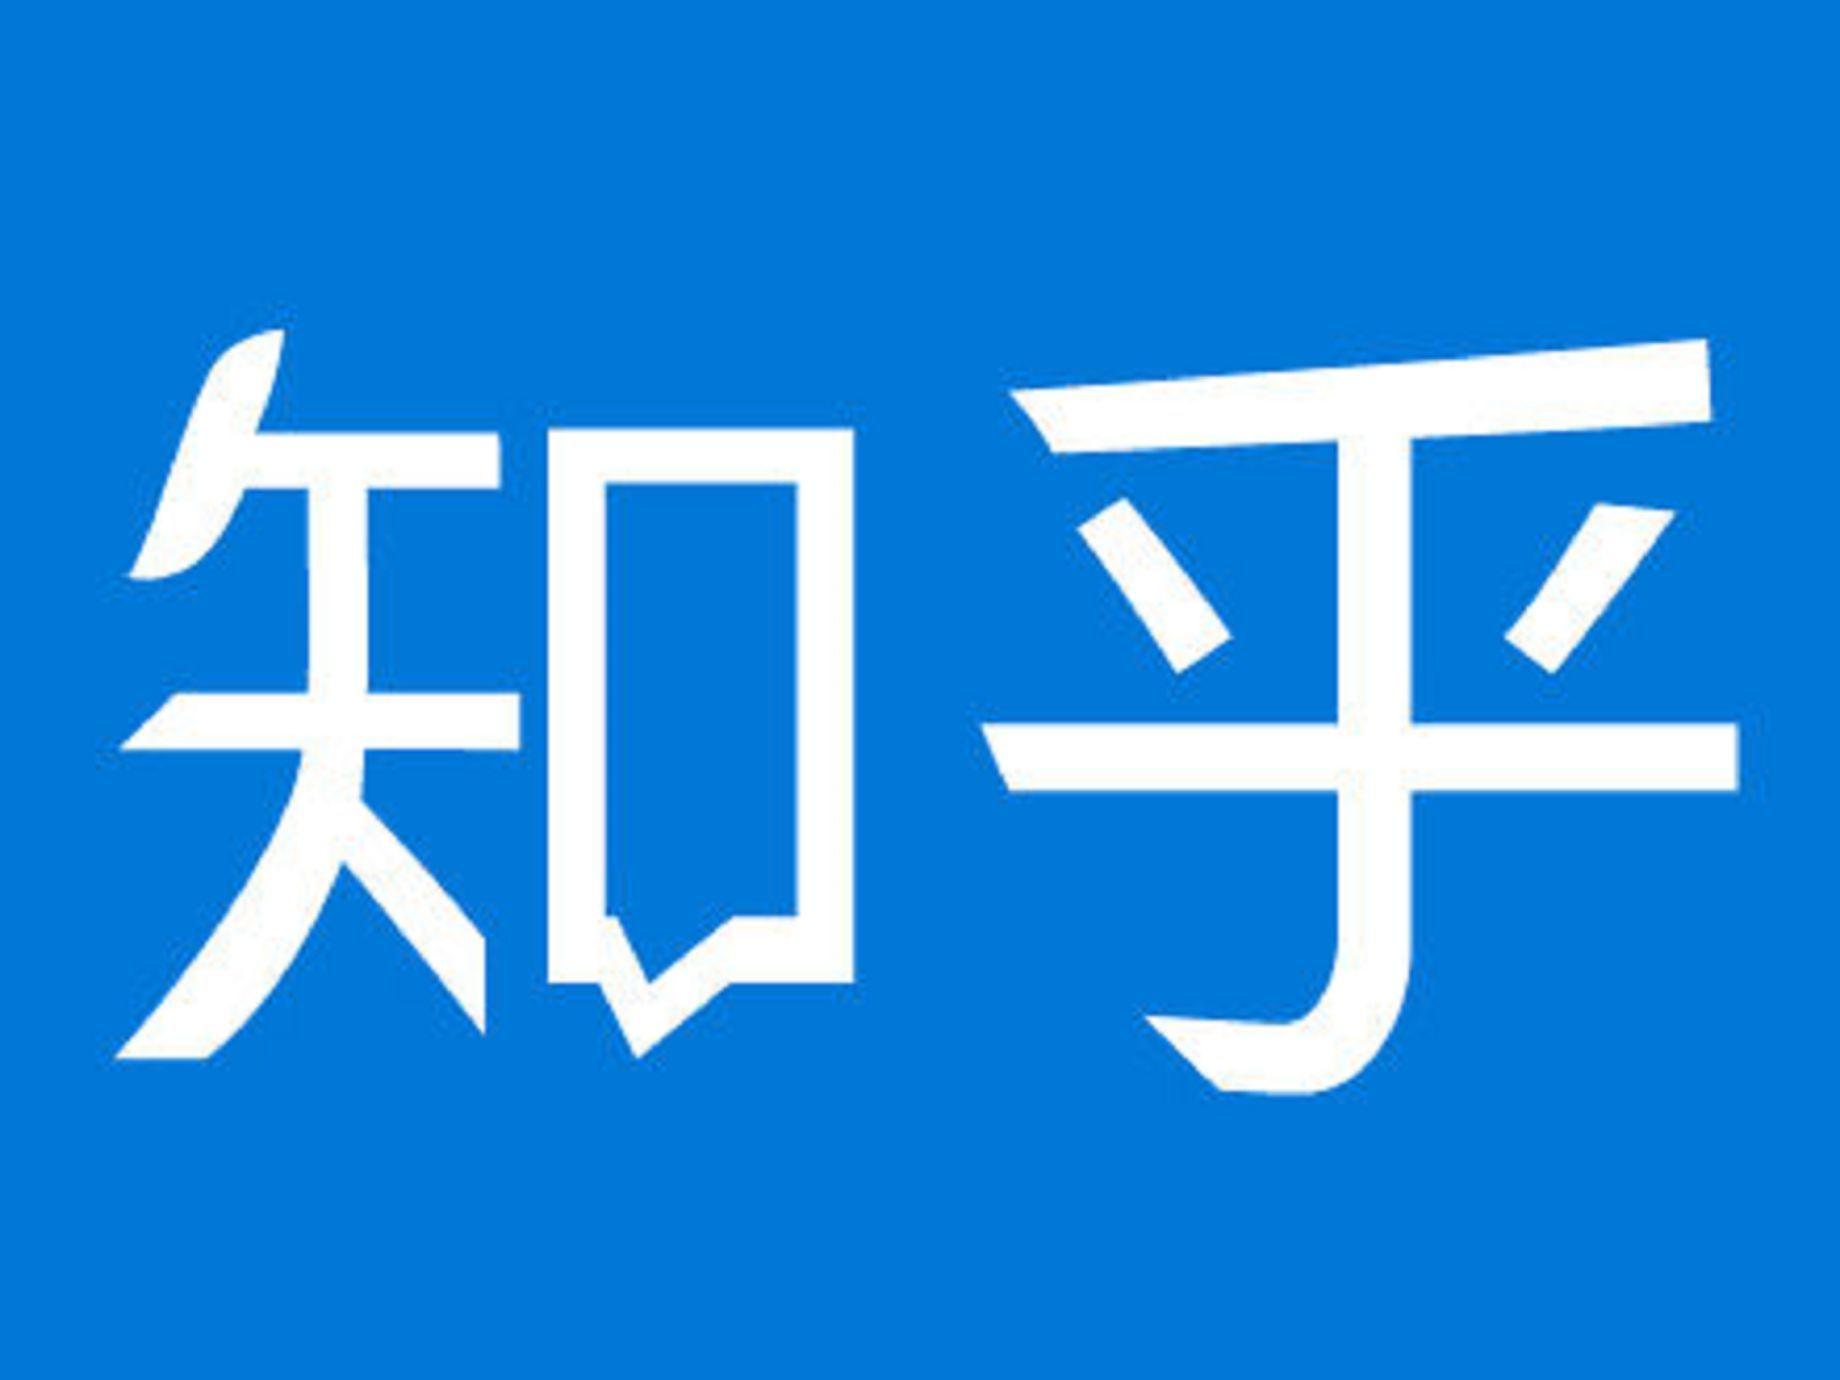 「把知識用在對的地方」-看解答平台「知乎」成功翻轉中國知識市場